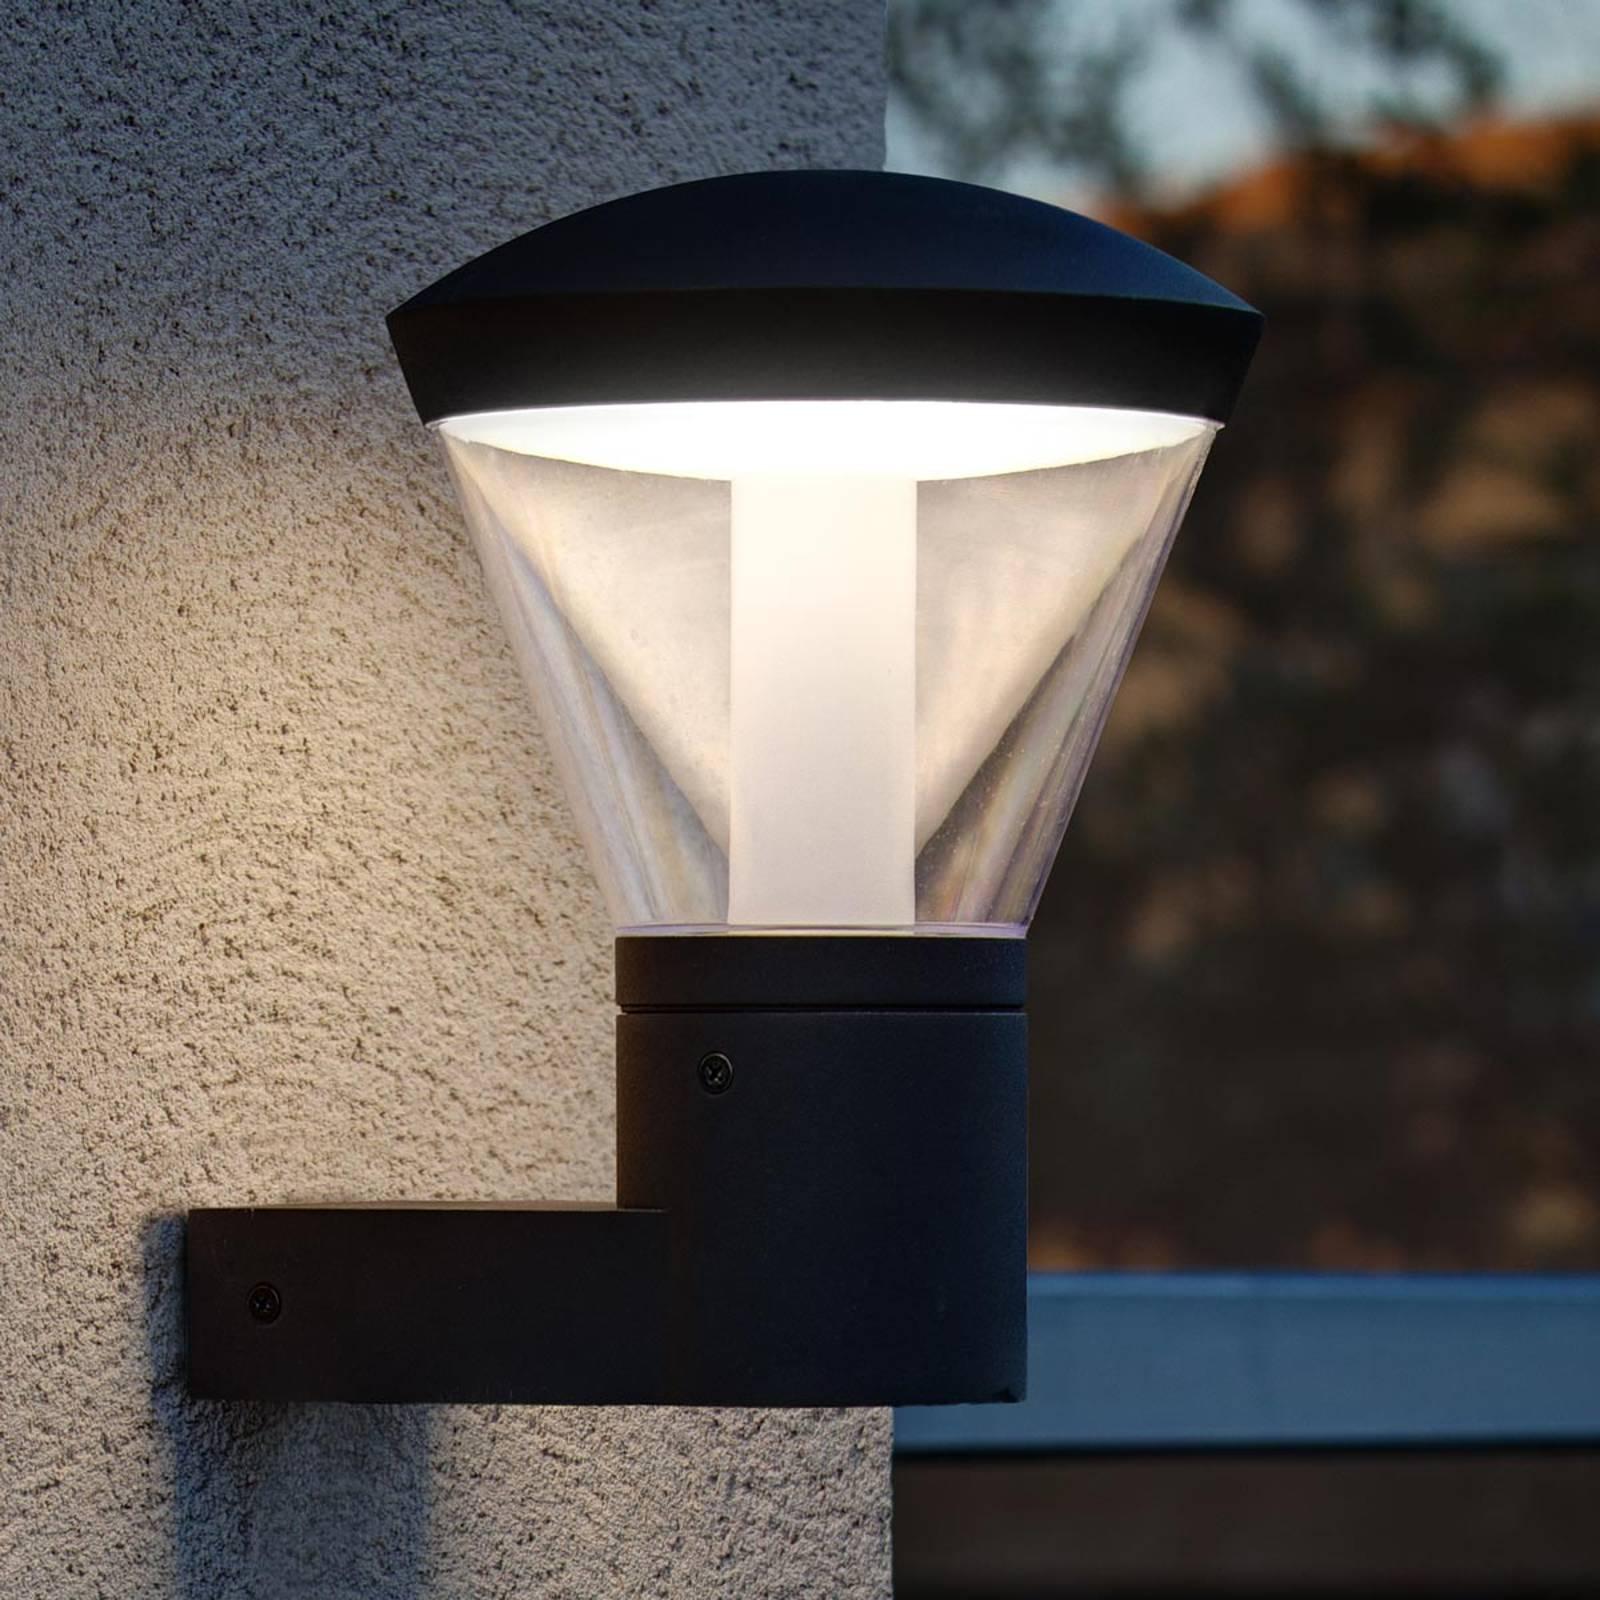 Tunnelmallinen LED-ulkoseinälamppu Shelby